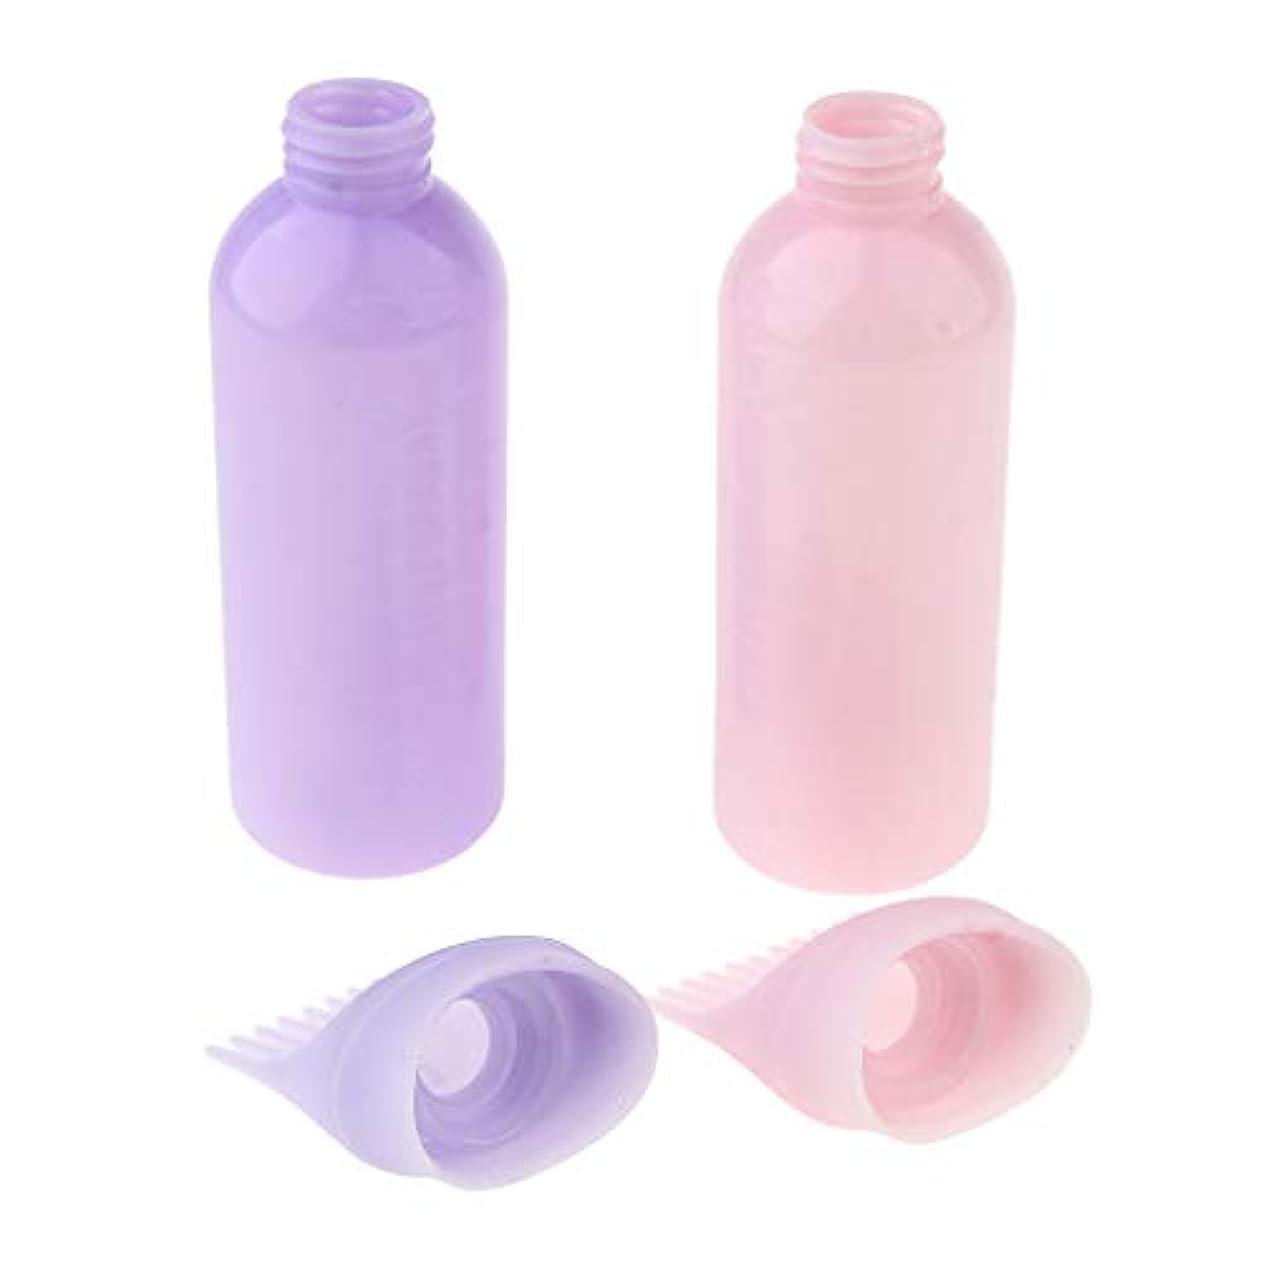 討論ビジター管理します全2点 プラスチック製 着色ボトル 瓶 ヘアカラーリング用品 ヘアダイブラシ